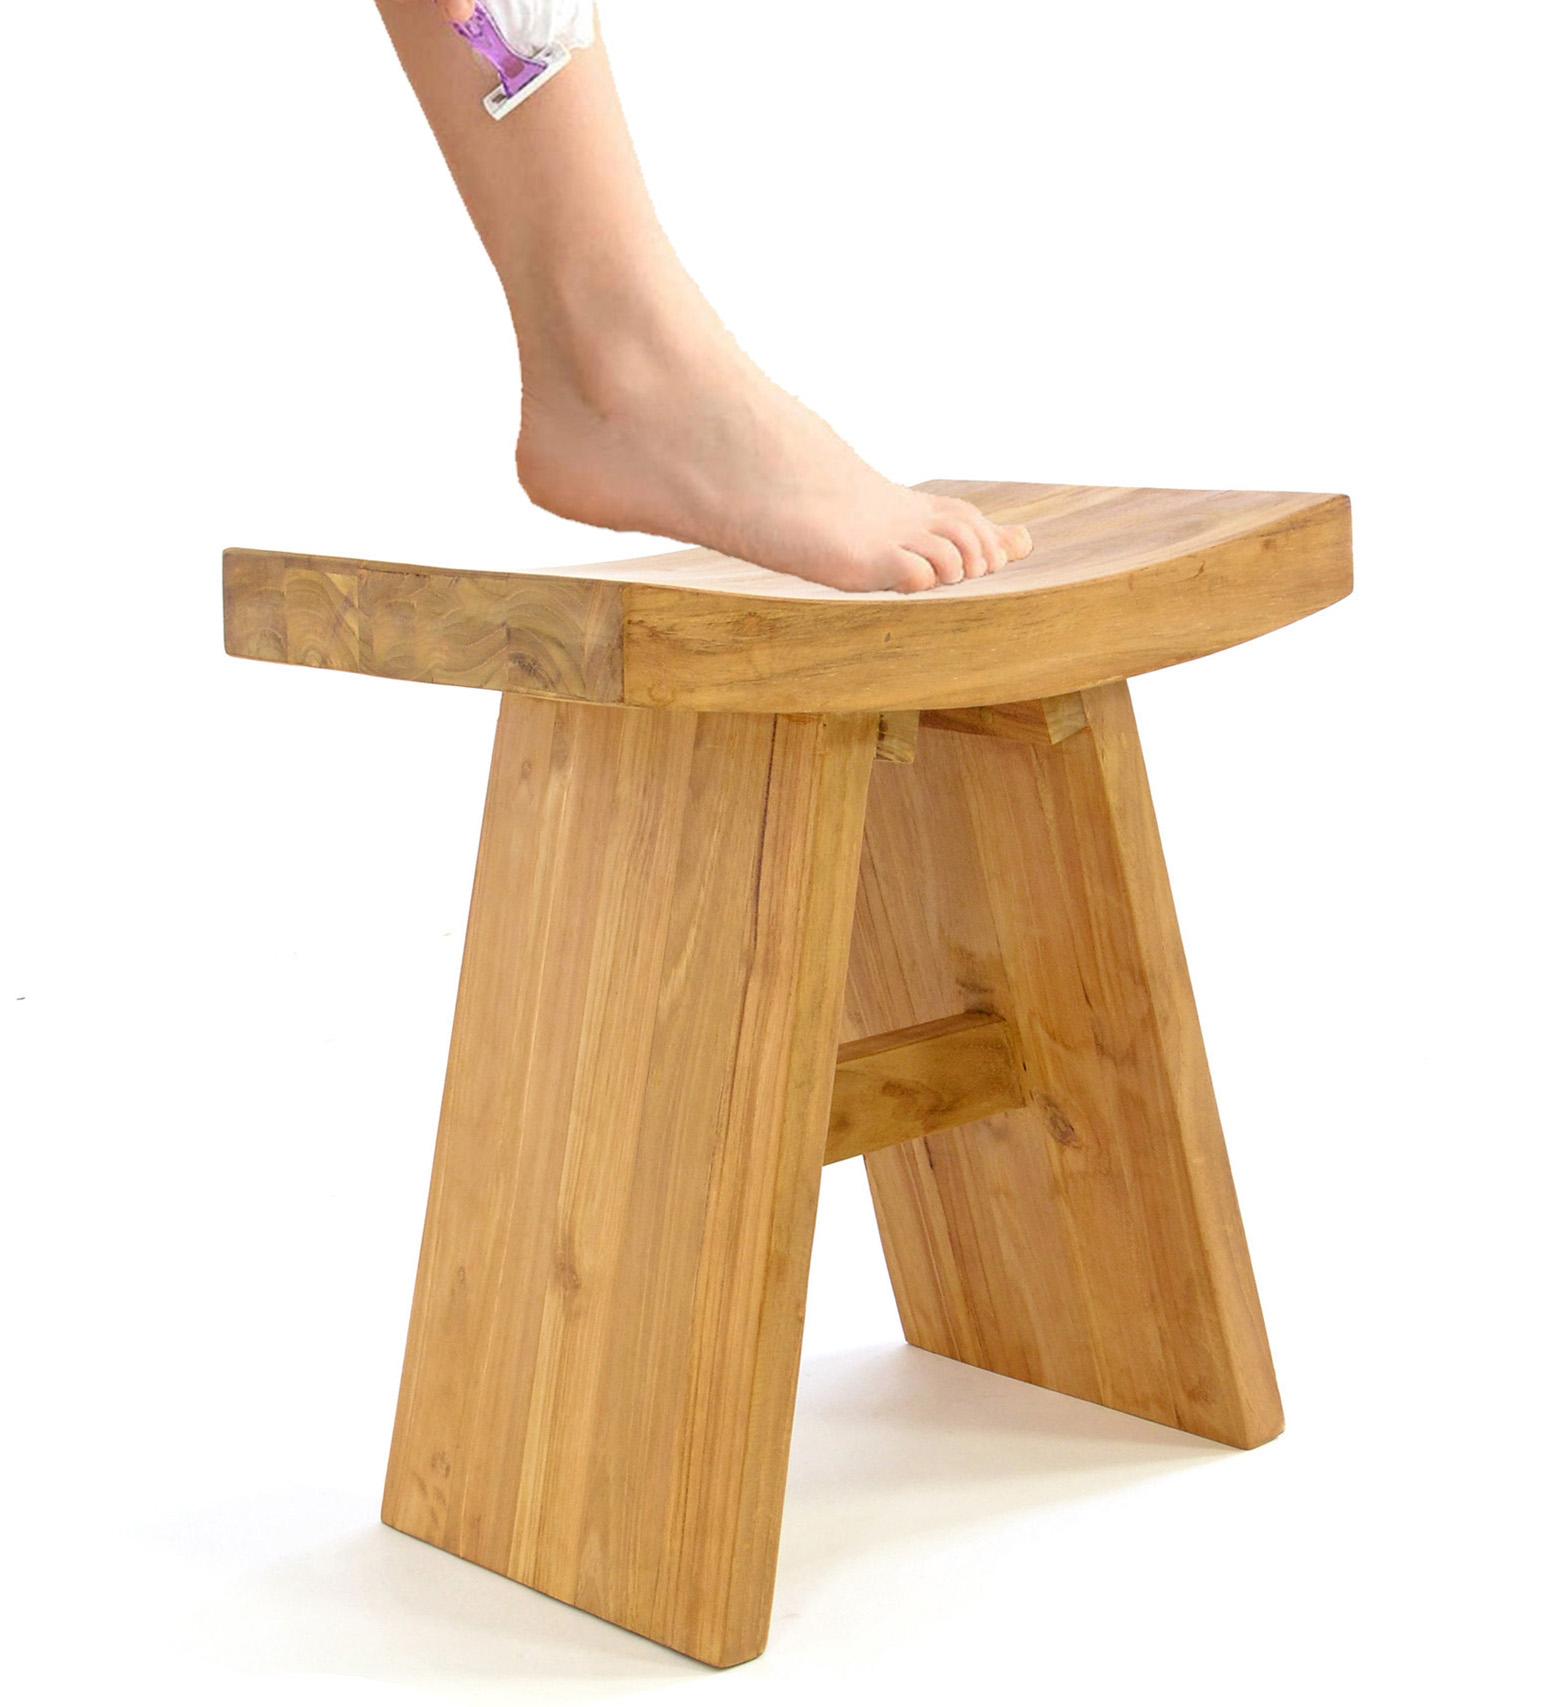 Golden Teak Wood Stool Chair Shower Bench Newbuy